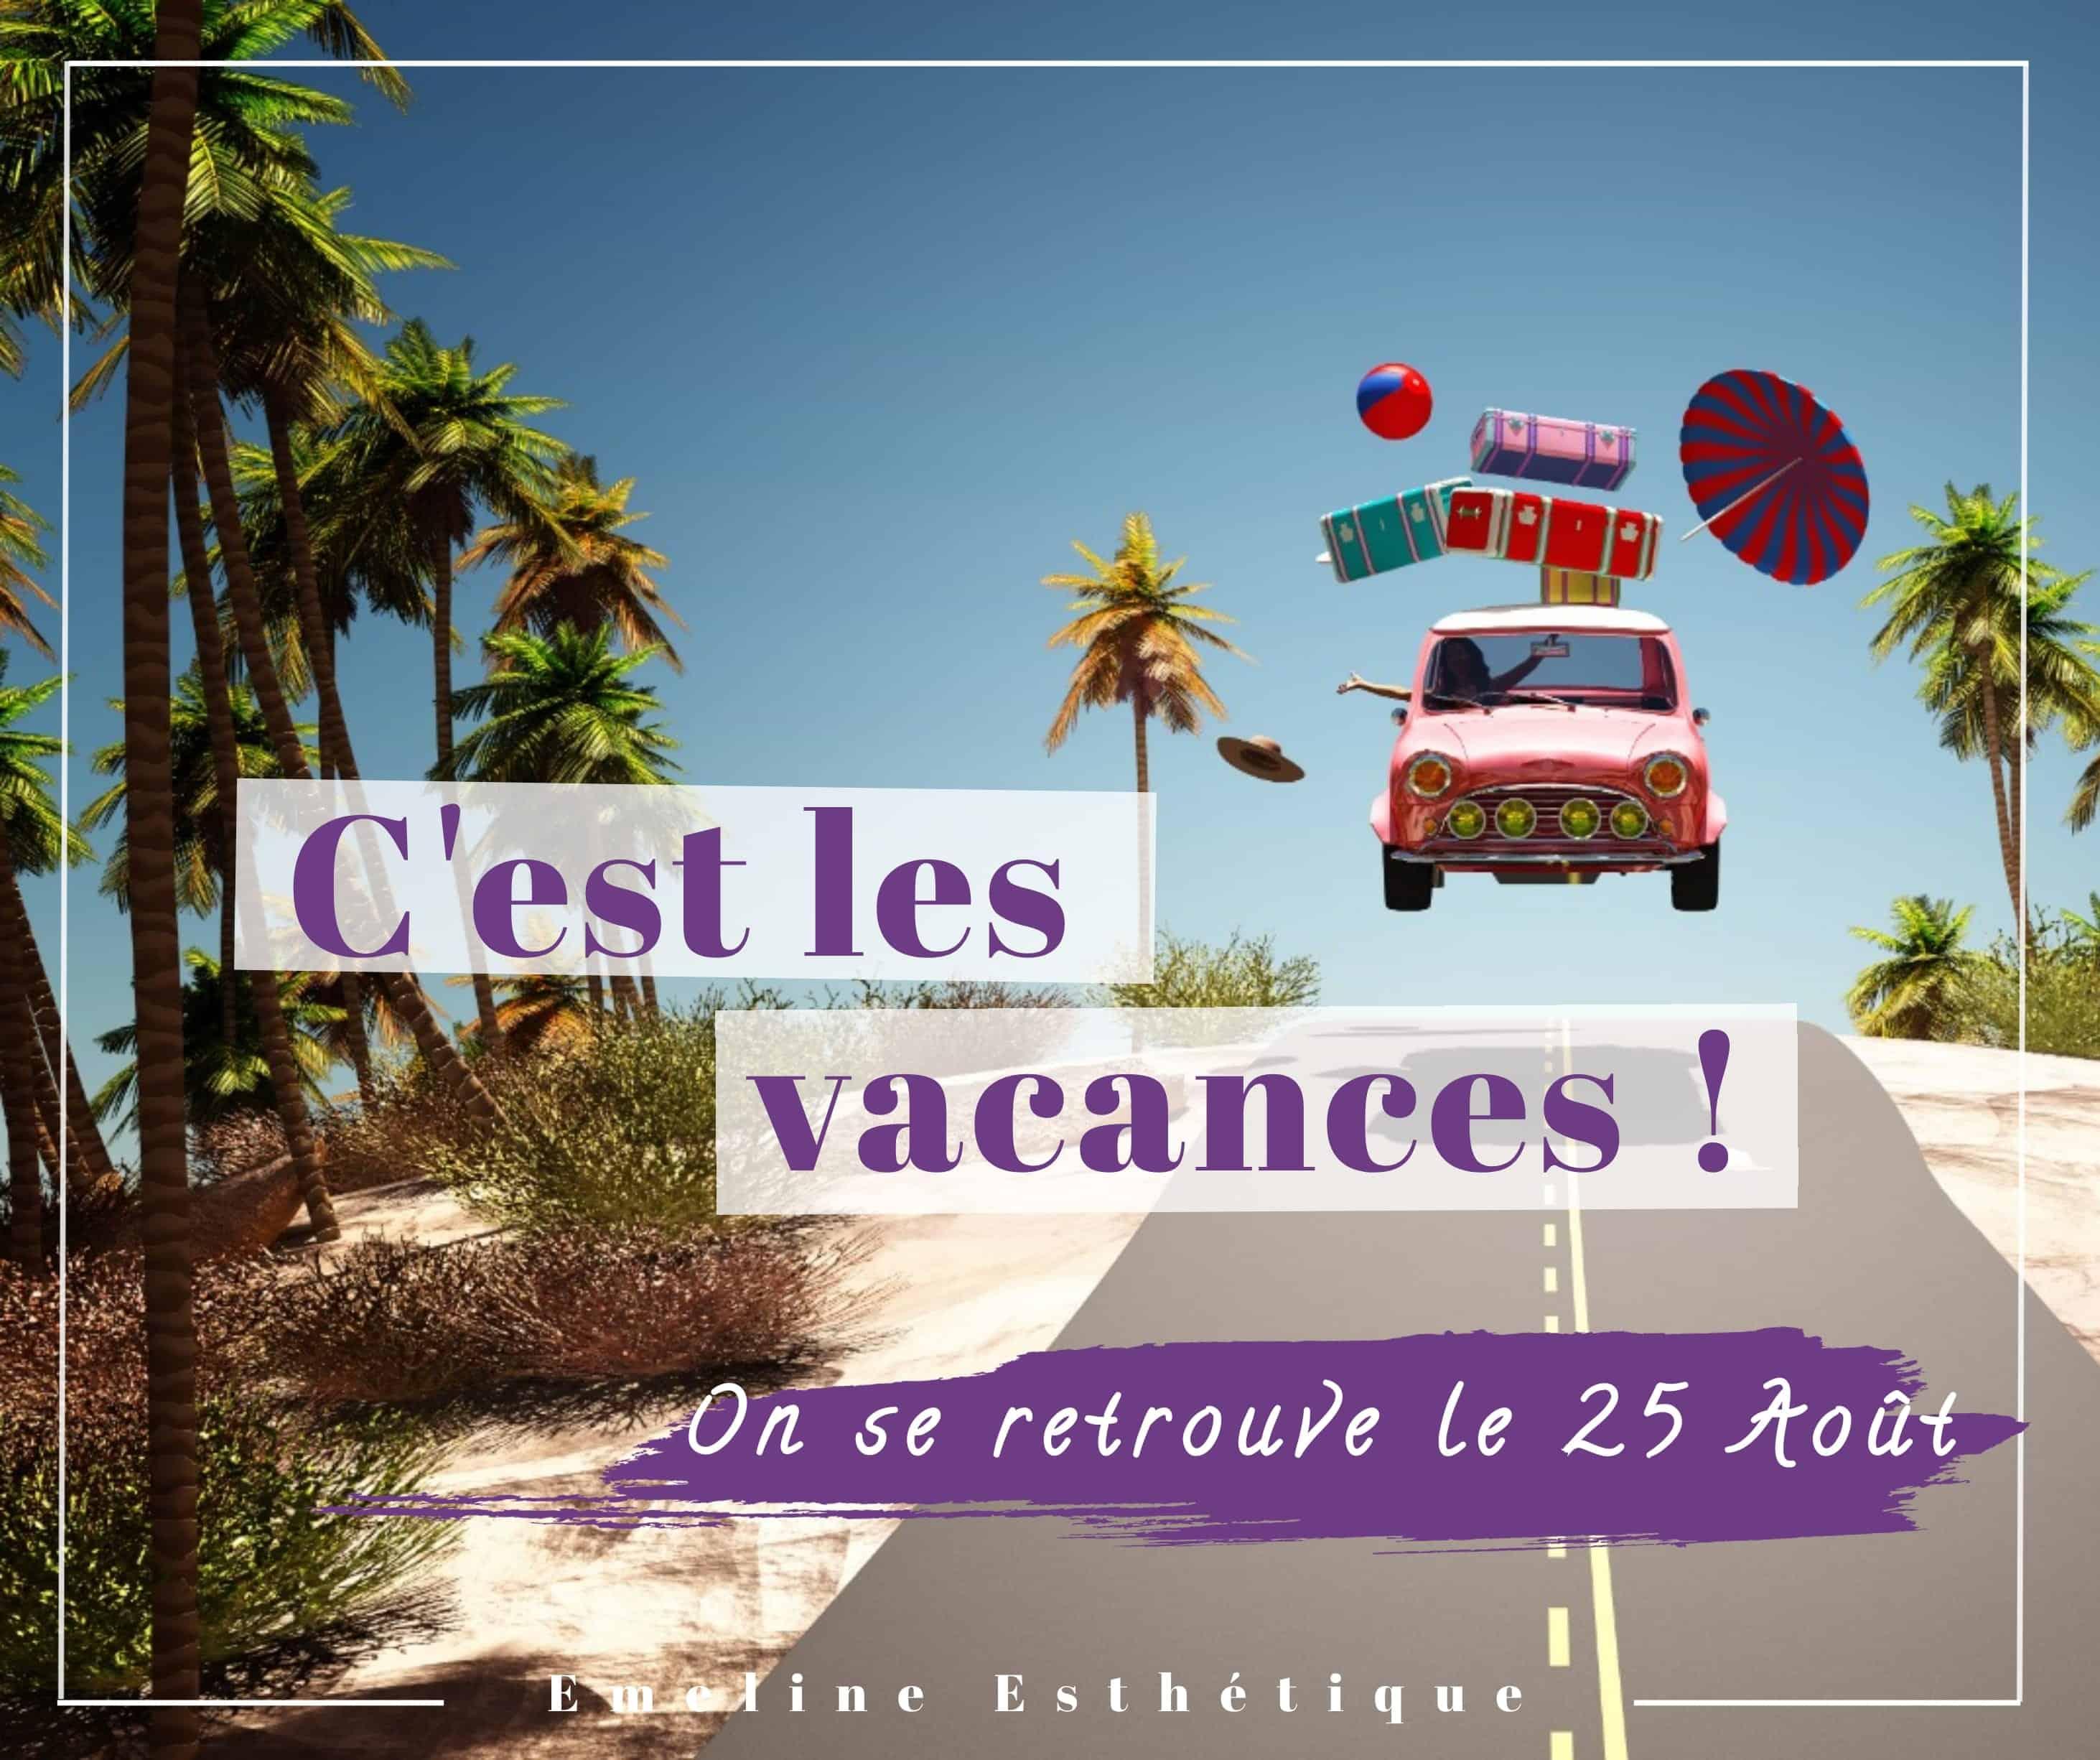 Photo pour annoncer les vacances d'été, Institut de beauté Emeline Esthétique 85130 La Verrie